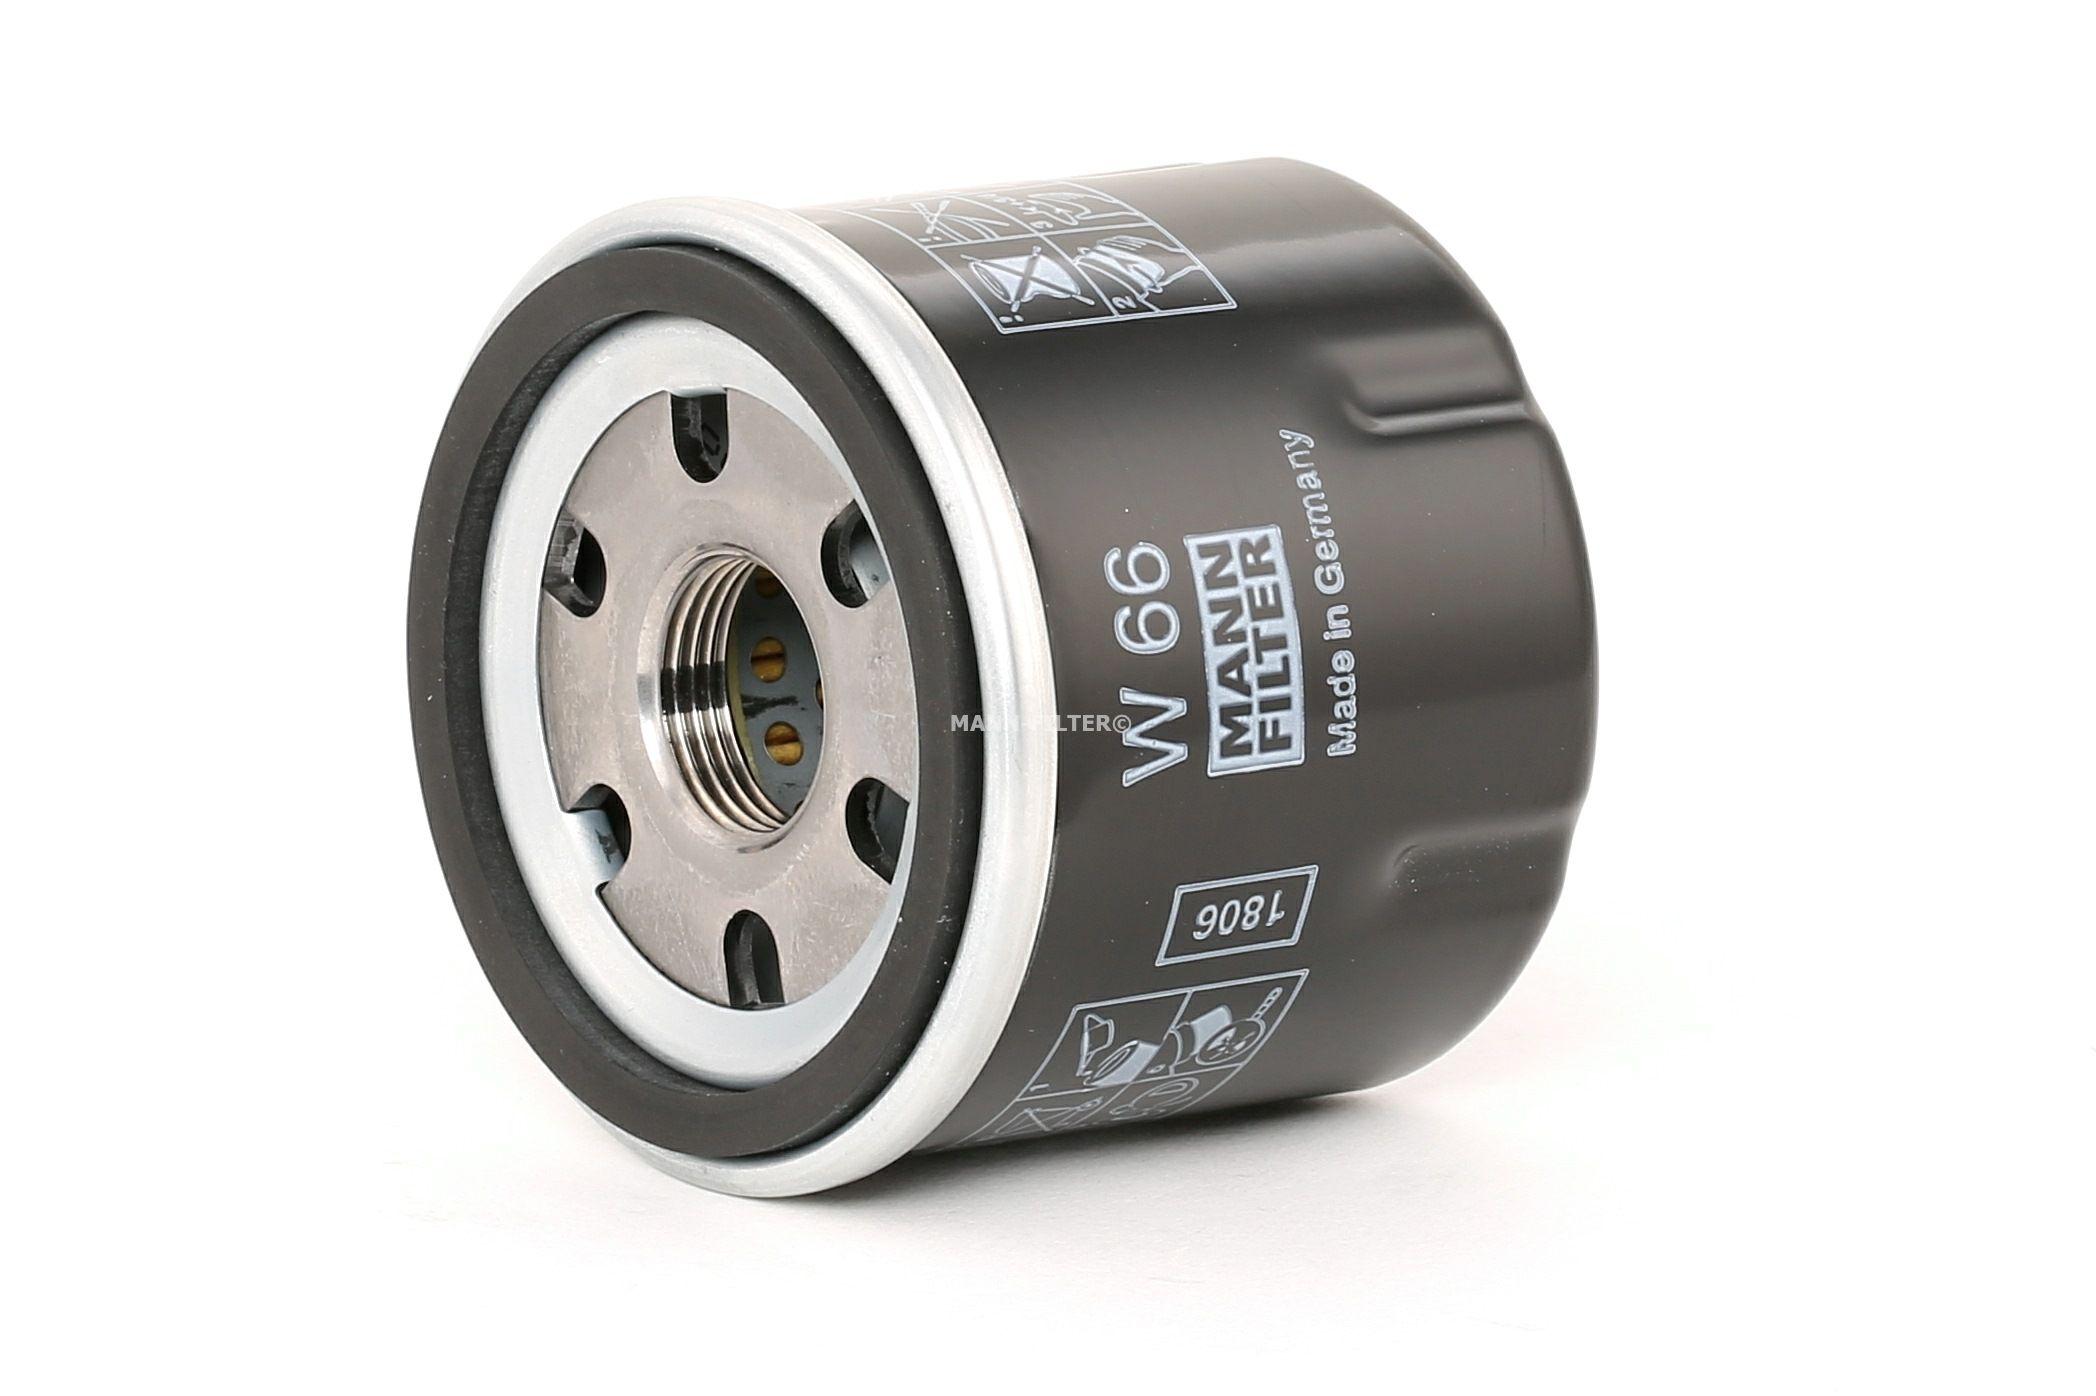 MANN-FILTER W 66 (Diamètre intérieur 2: 54mm, Diamètre intérieur 2: 54mm, Ø: 66mm, Diamètre extérieur 2: 62mm, Hauteur: 60mm) : Filtre à huile Renault Kangoo kc01 2019